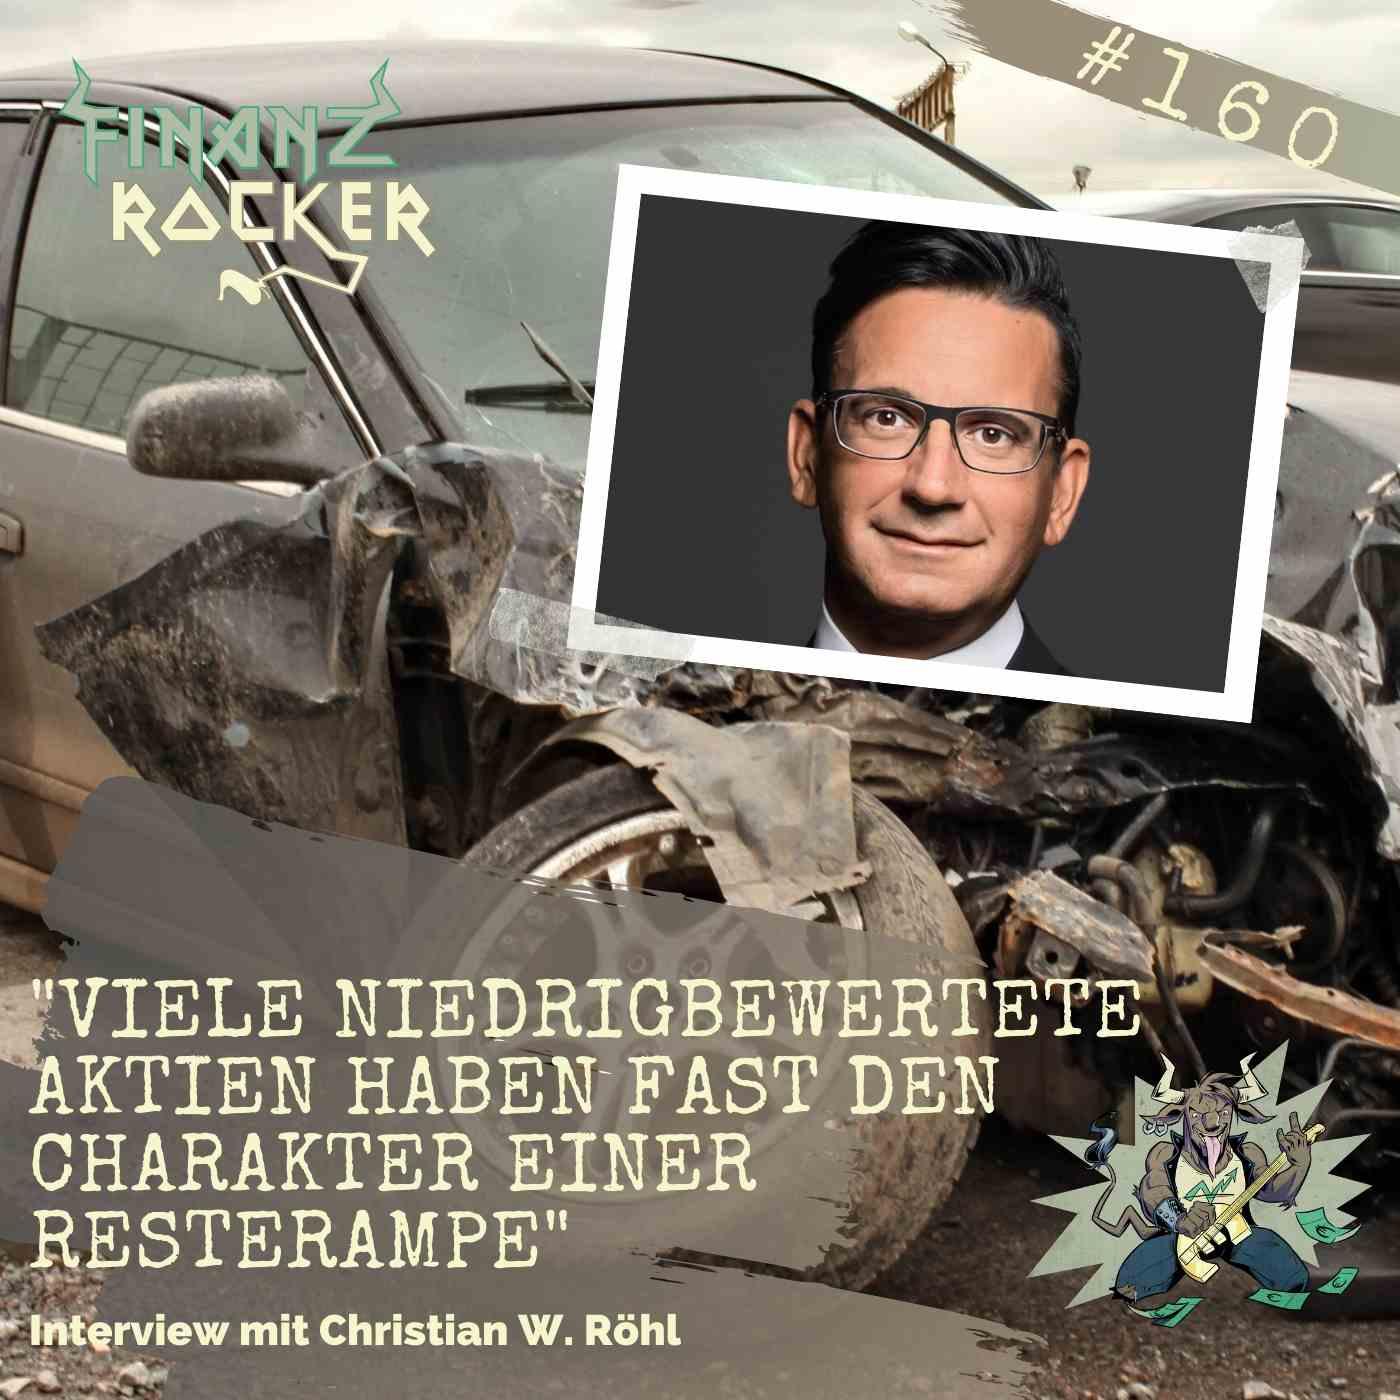 """Folge 160: """"Viele niedrigbewertete Aktien haben fast den Charakter einer Resterampe"""" - Interview mit Christian W. Röhl"""